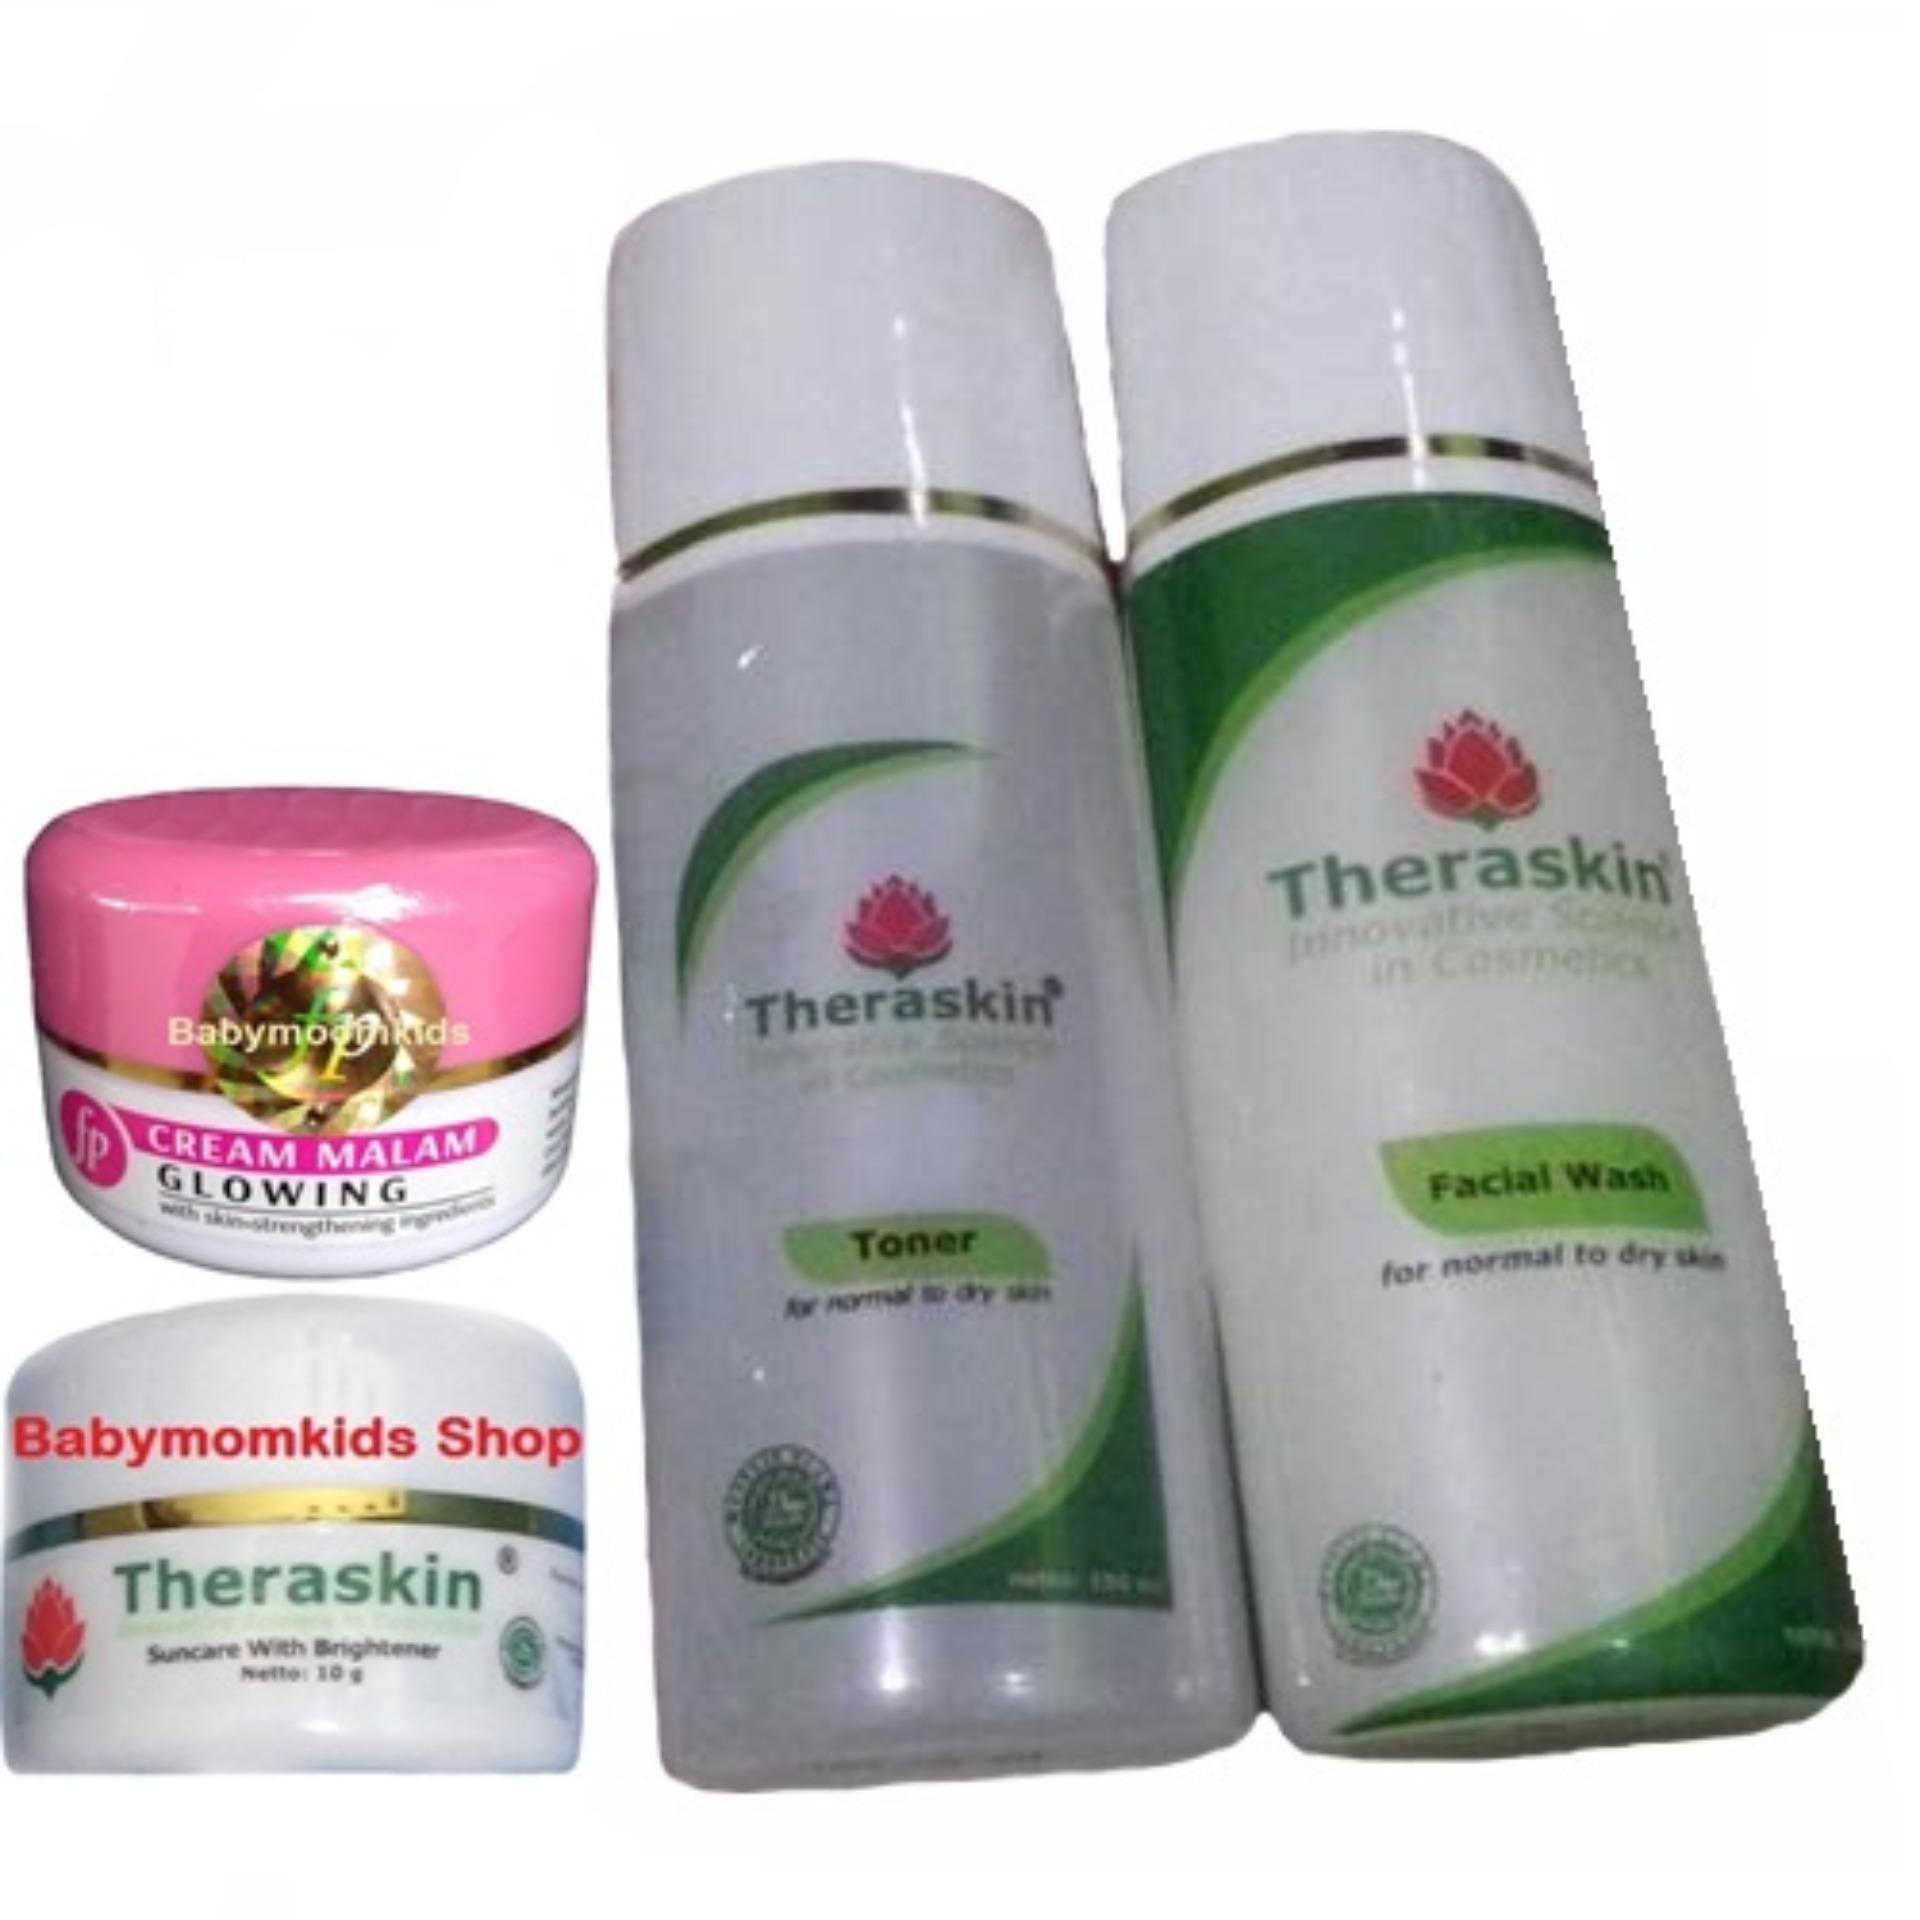 Harga Termurah Theraskin Paket Glowing Kulit Normal 1 Set 4pcs Suncare Original Untuk Cream Malam Siang Facial Wash